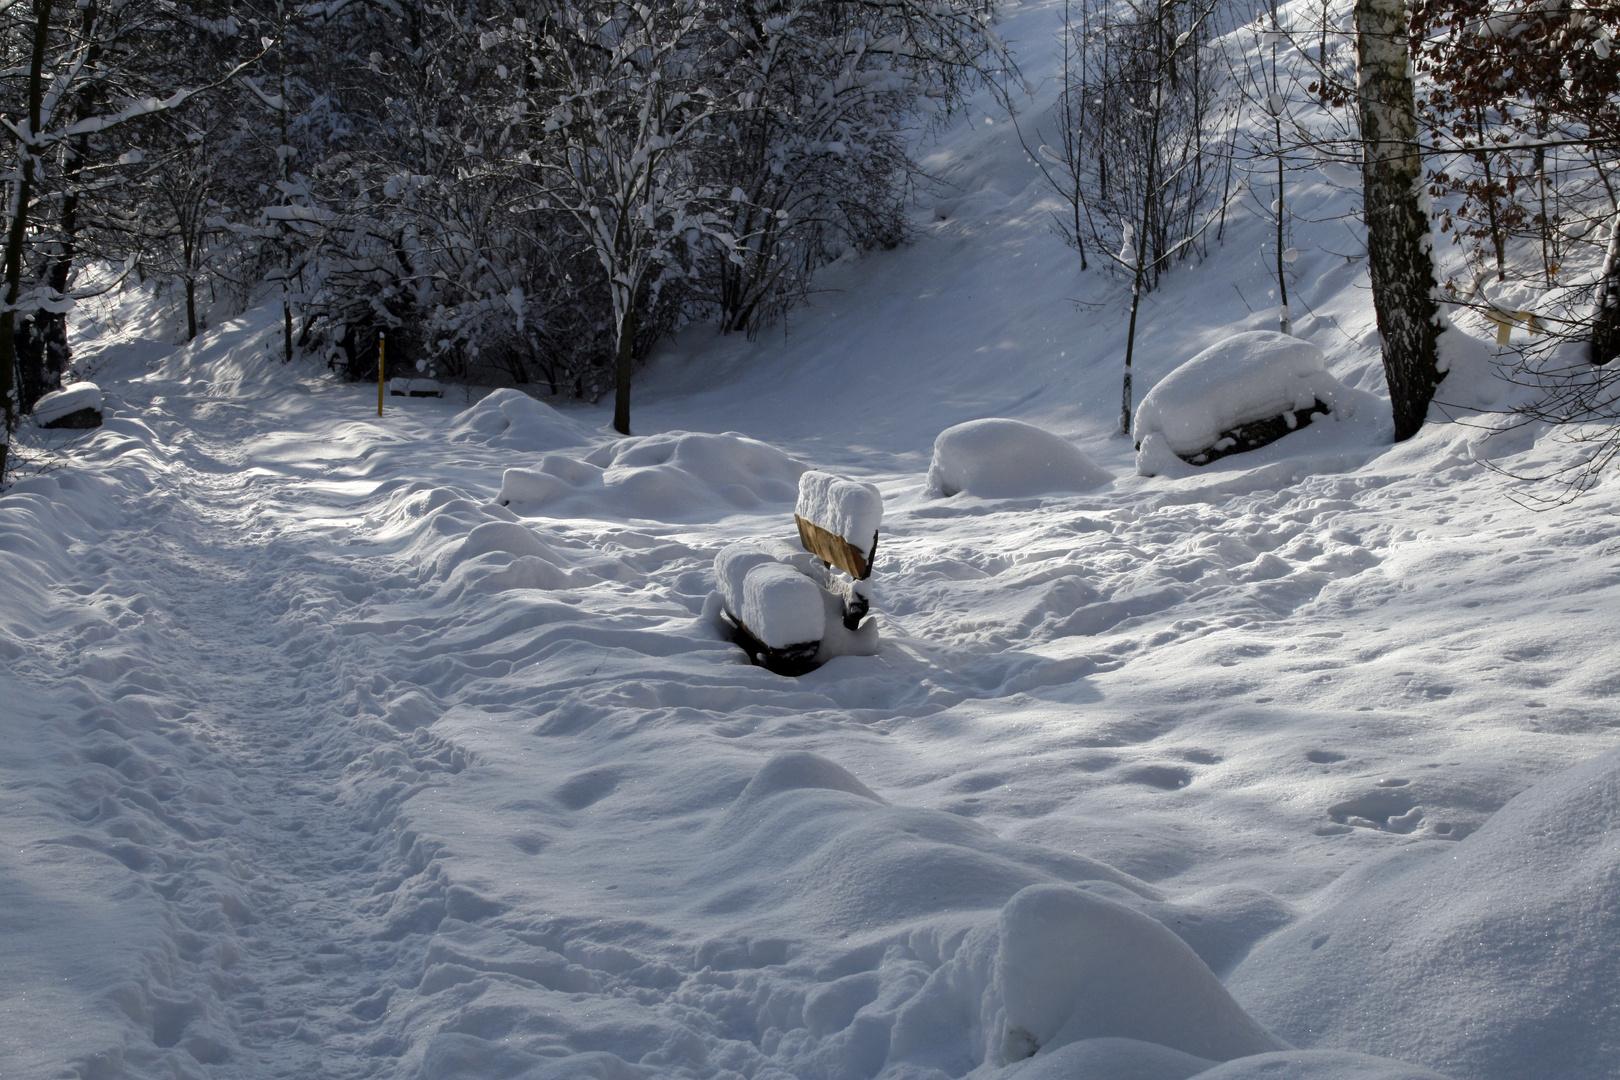 Schneebank am Wegesrand